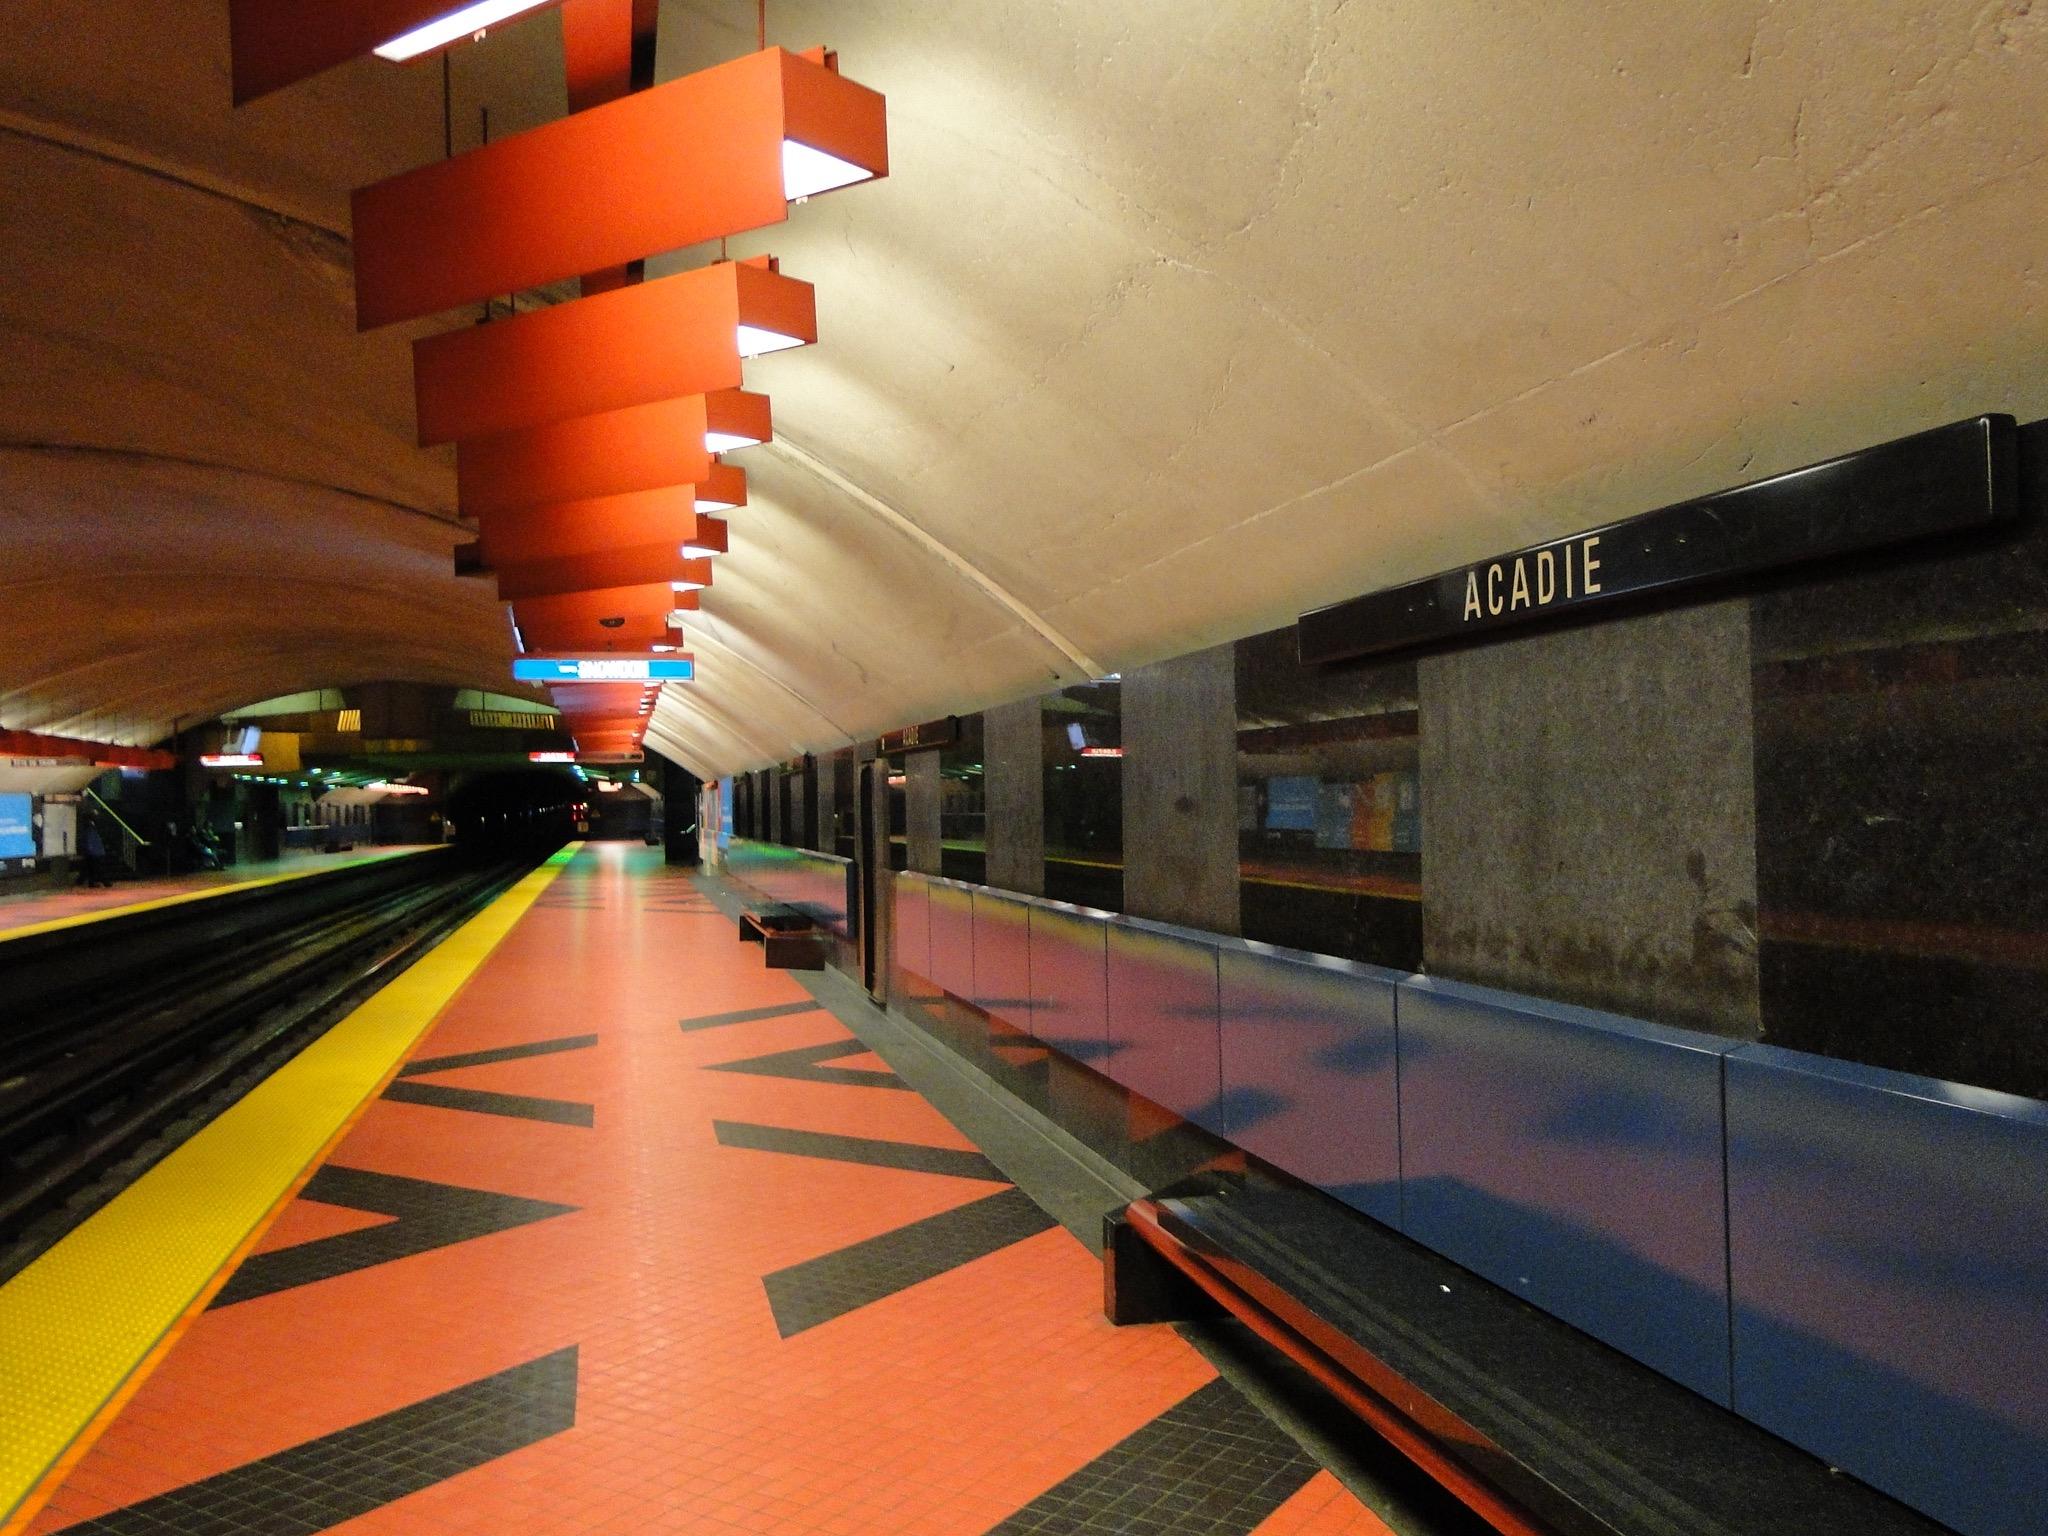 Station Acadie, Métro de Montréal